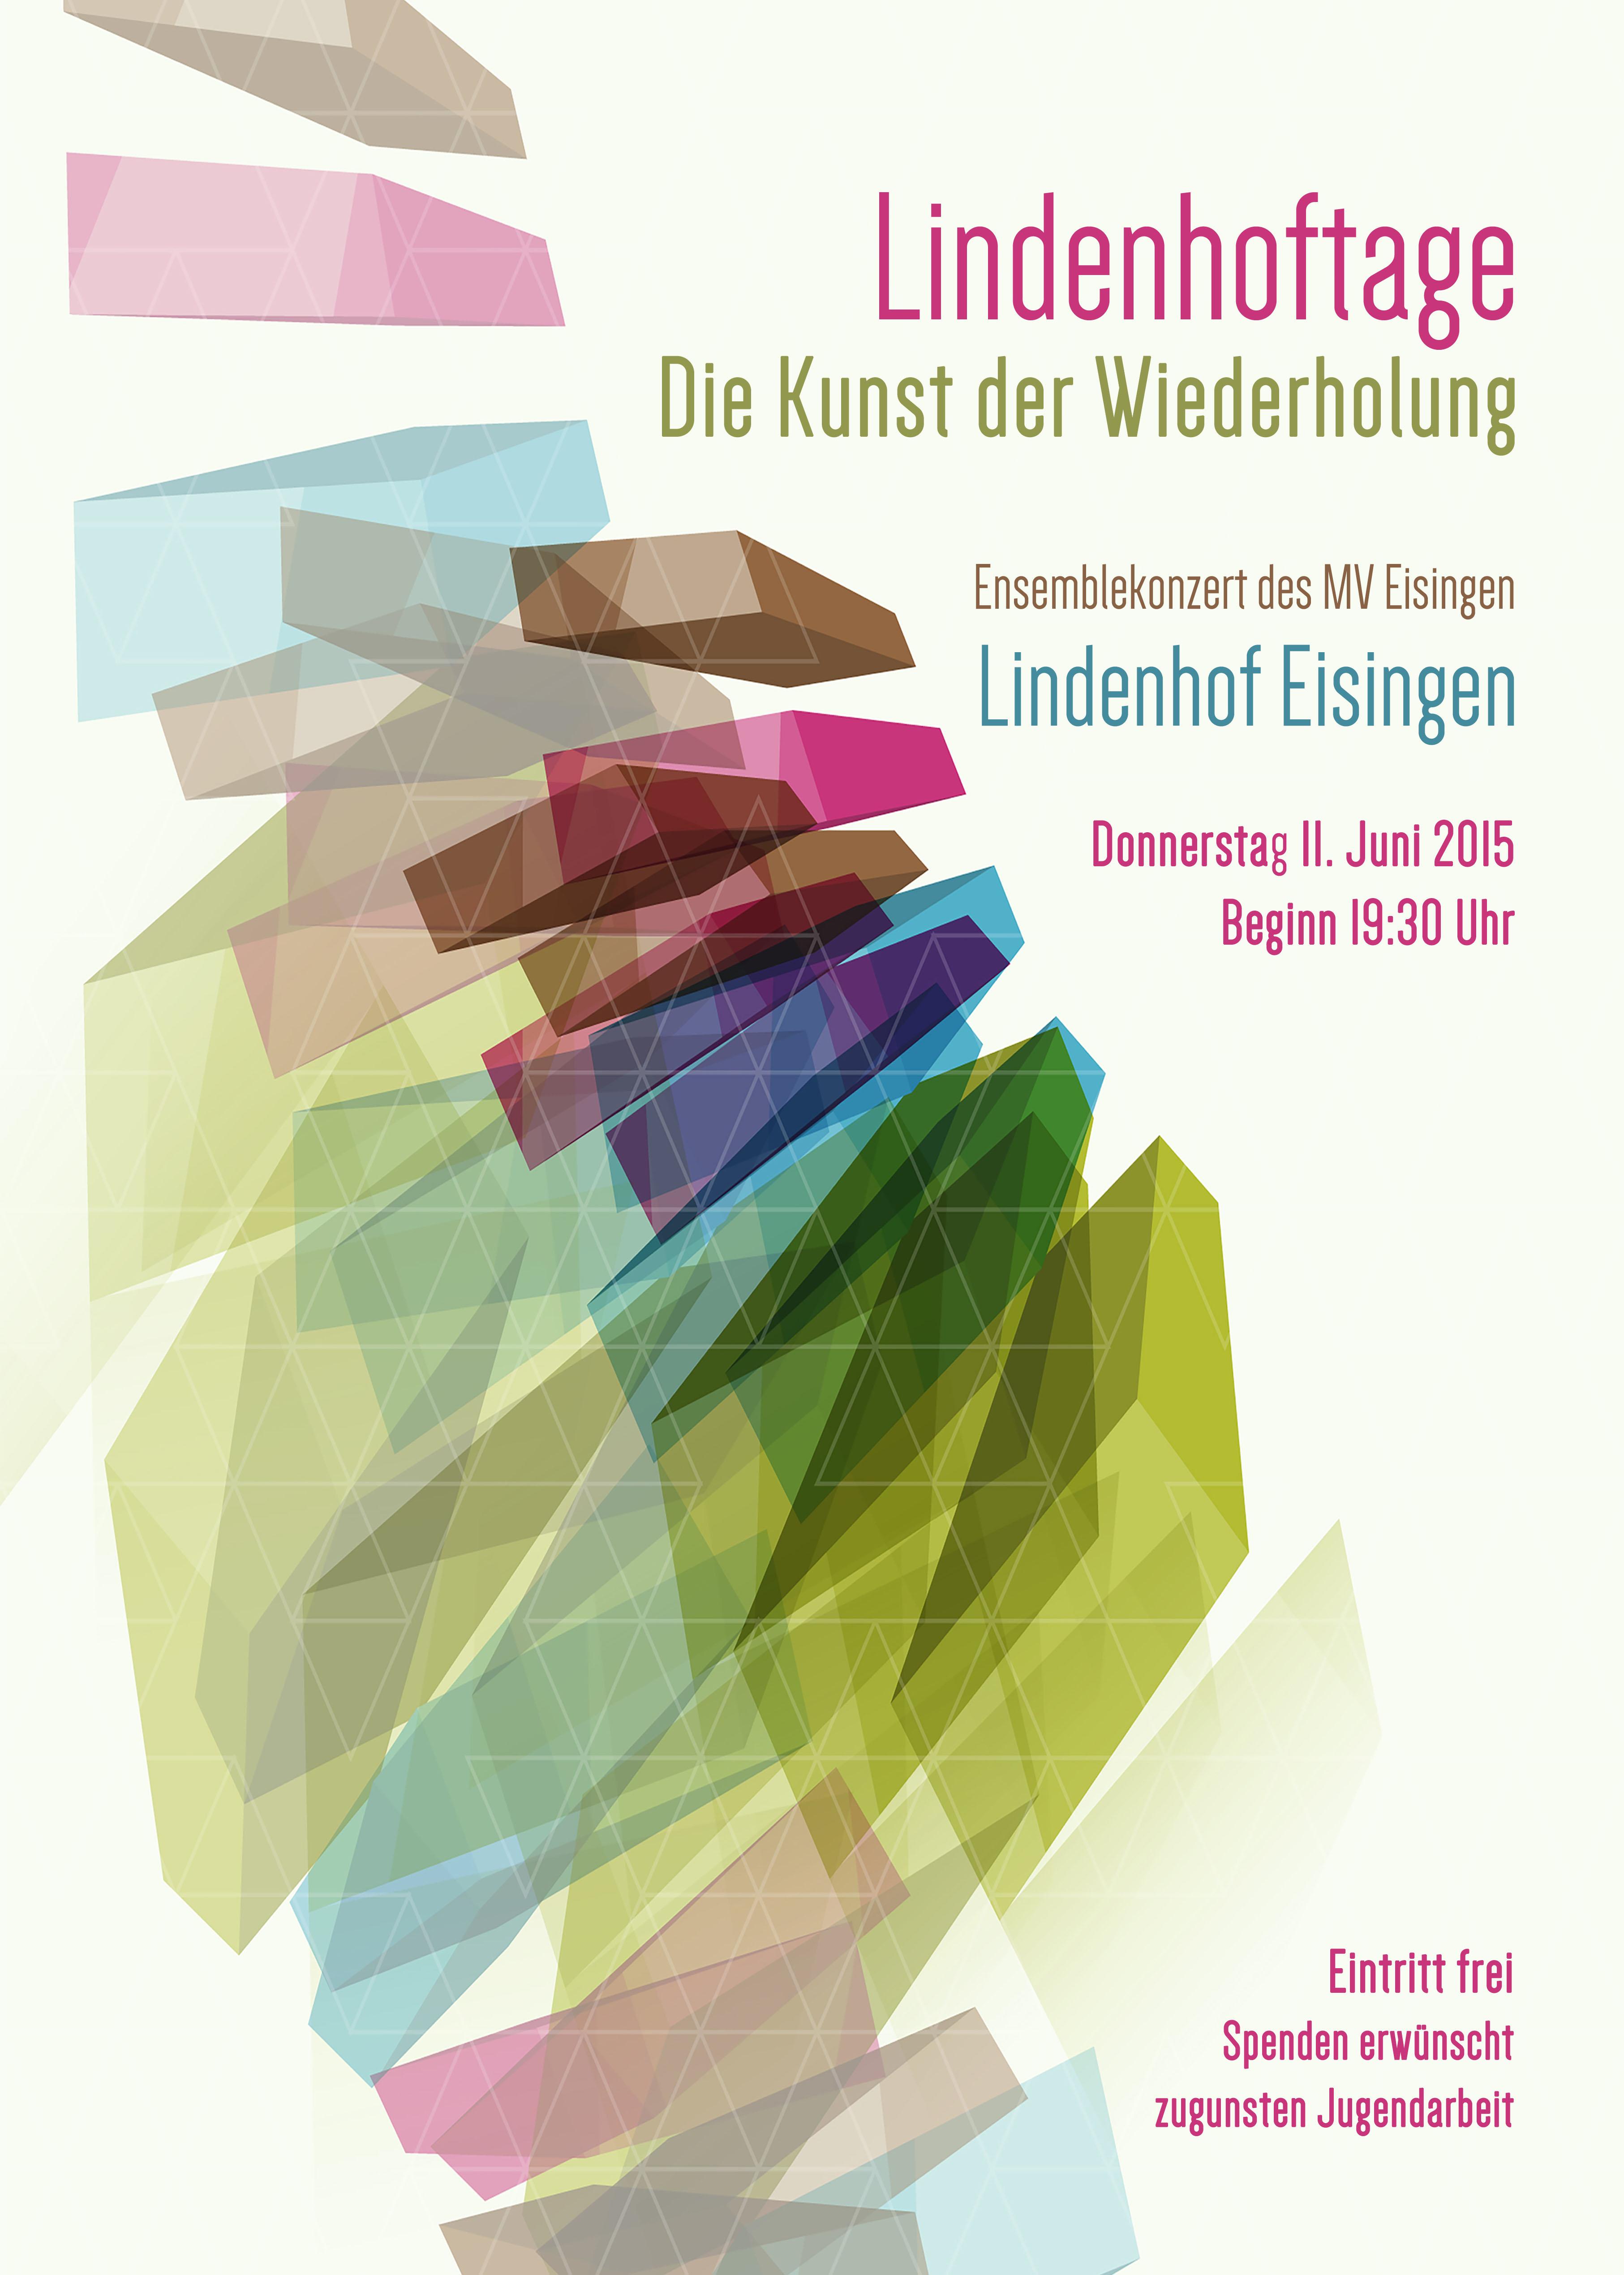 Lindehoftage 2015 die Kunst der Wiederholung